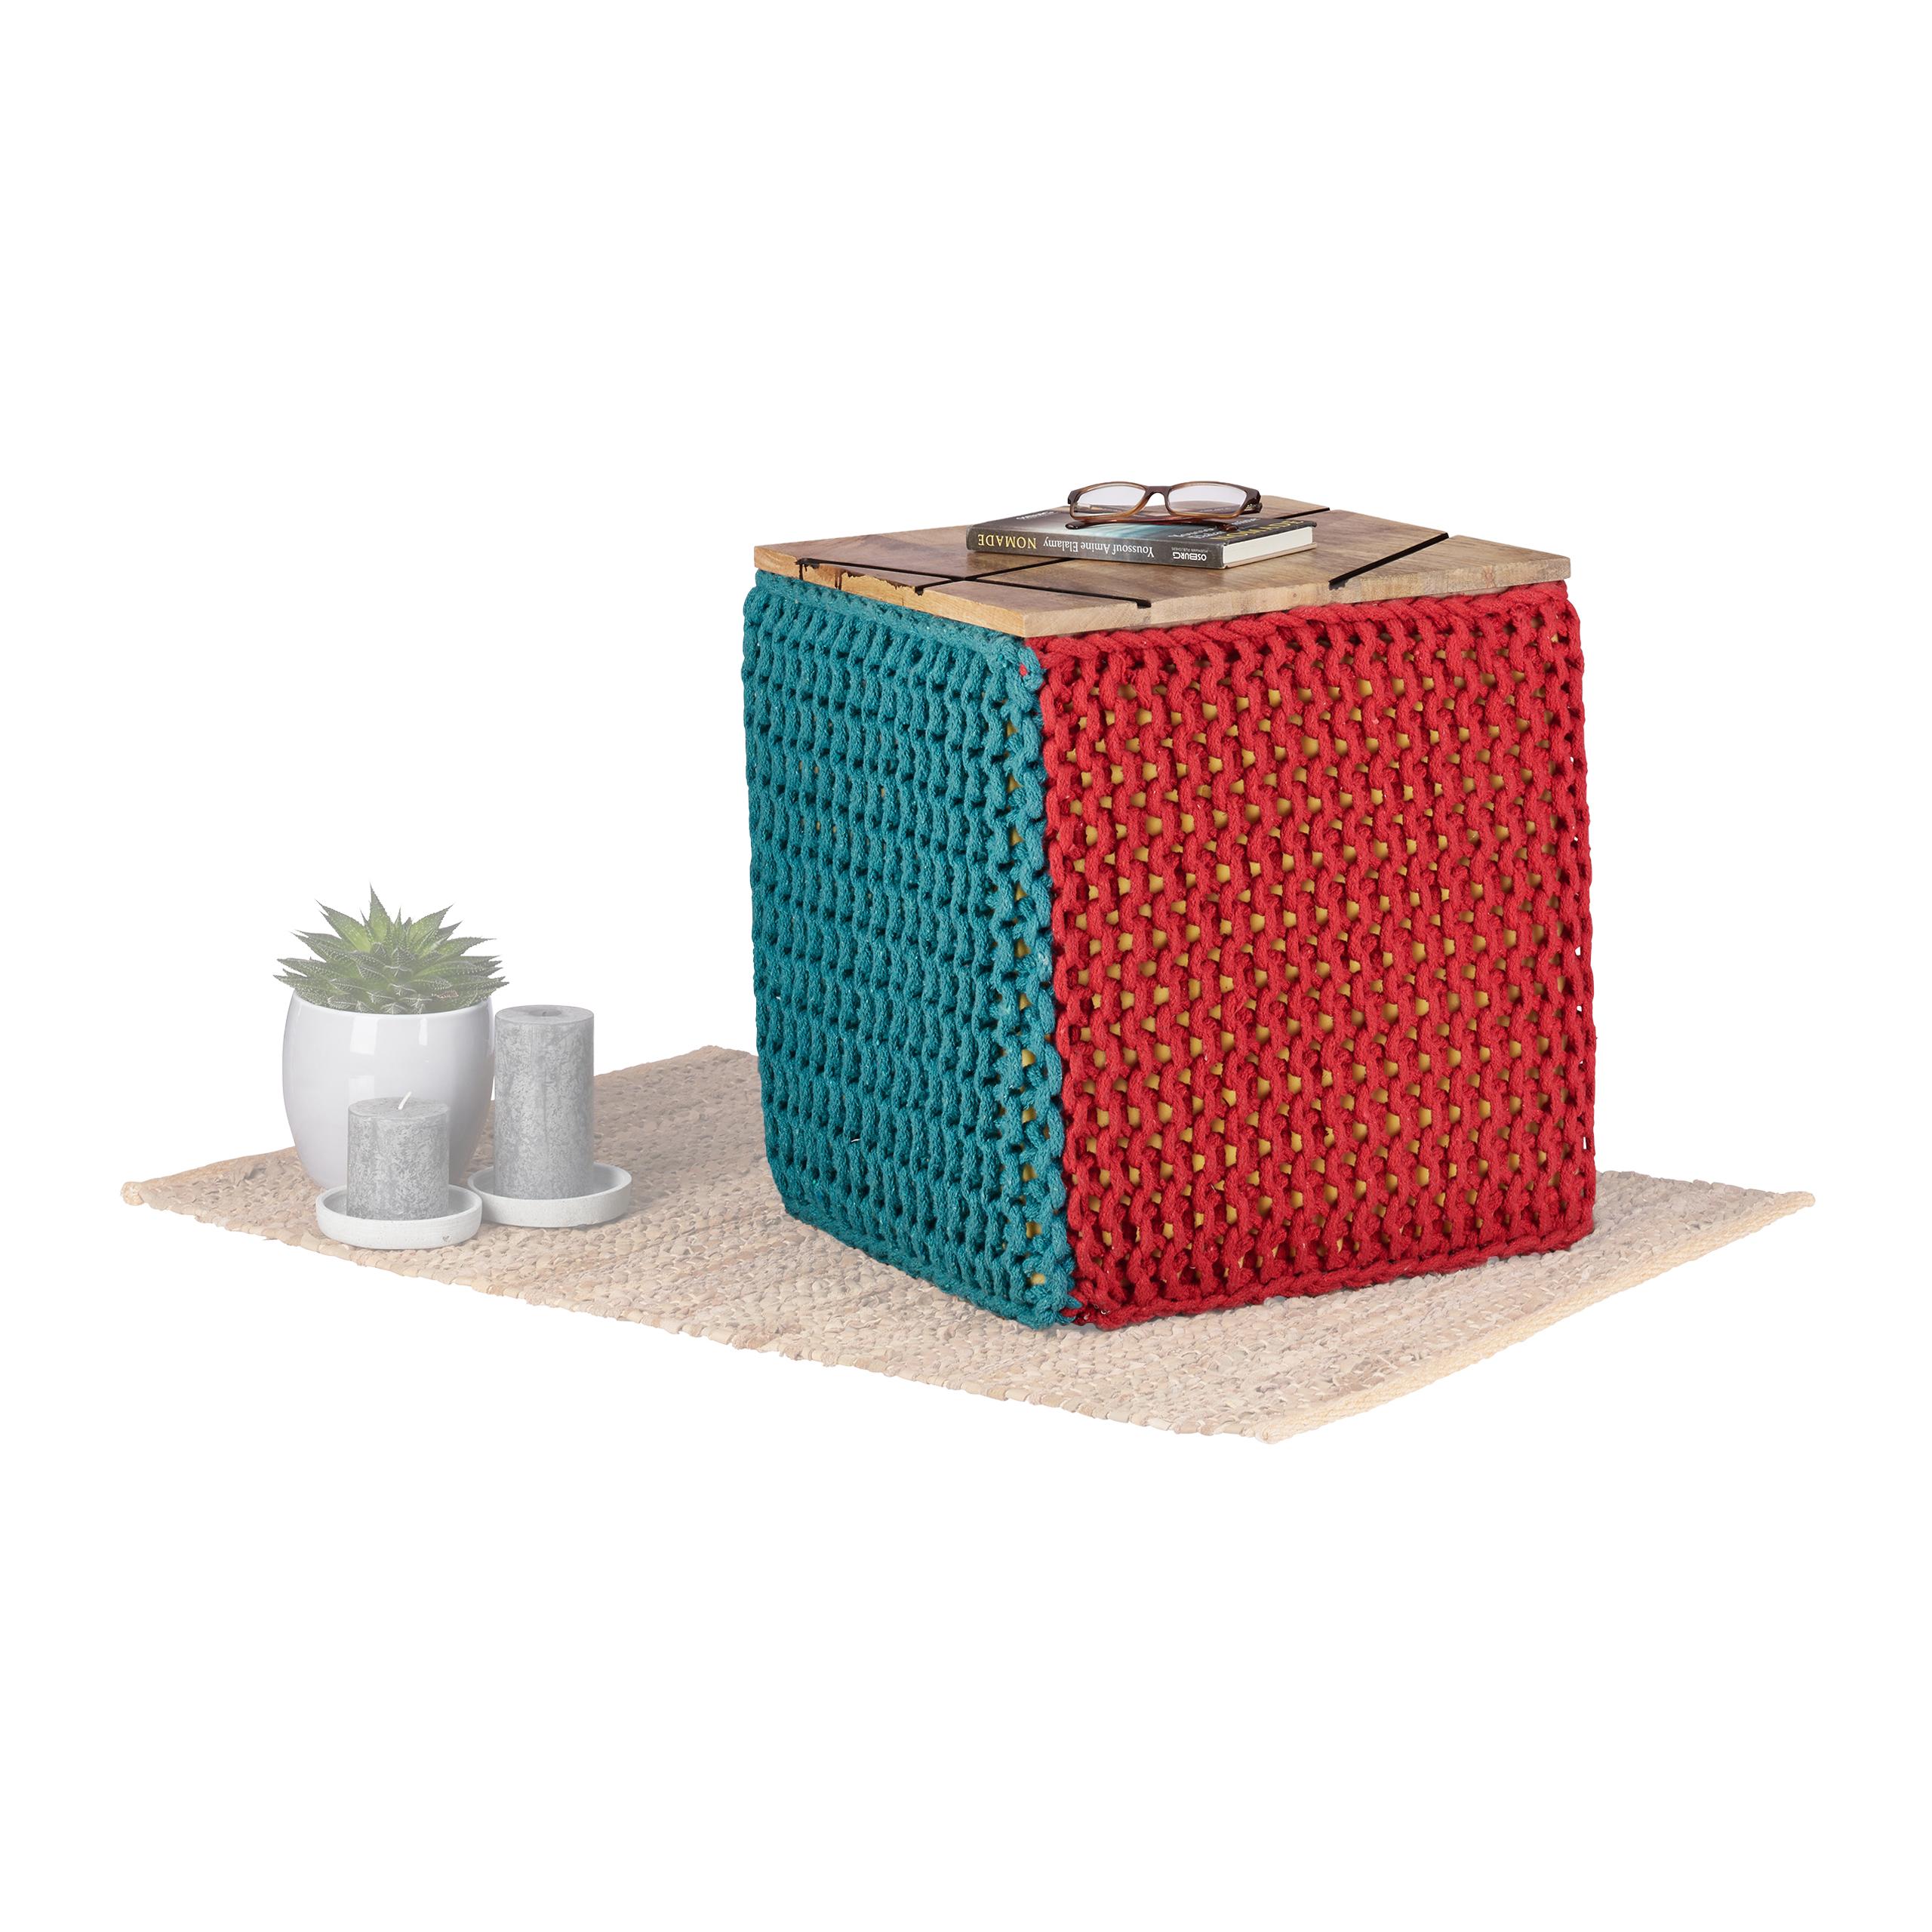 Tabouret-De-2en1-Siege-40x40-Petite-Table-d-Appoint-Basse-Pouf-Cube-Rouge-Bleu miniature 2